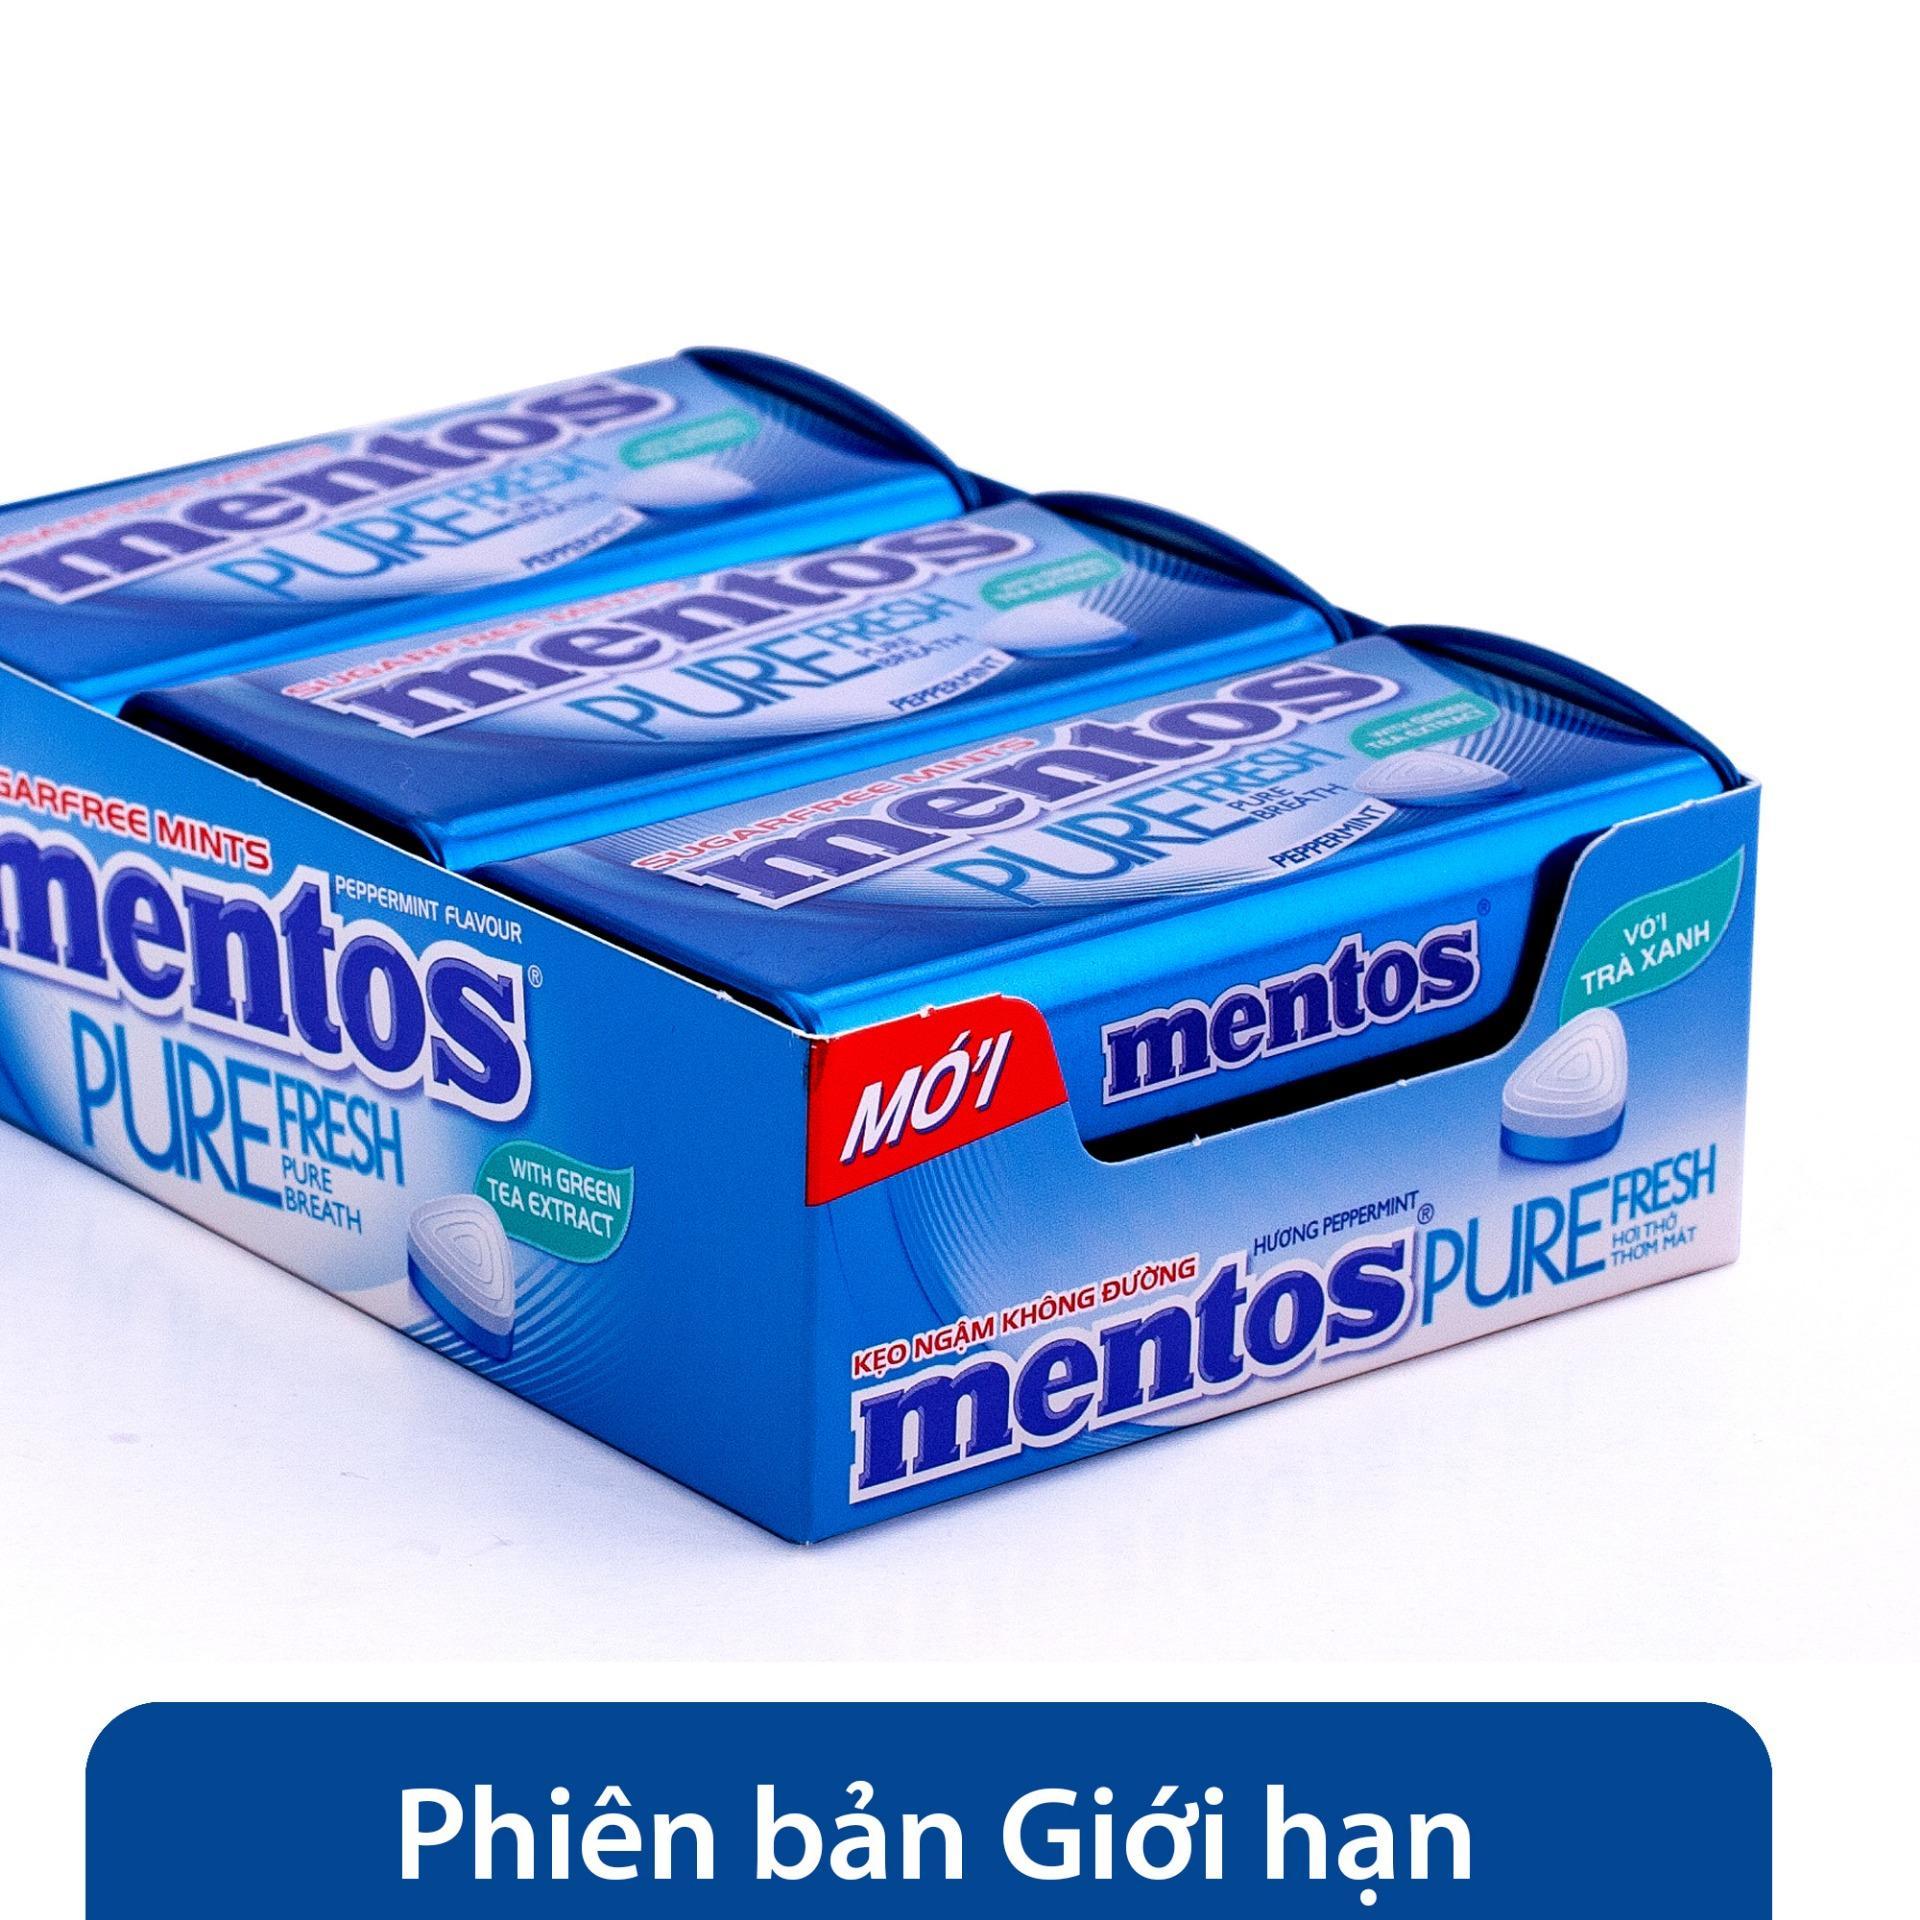 Kẹo ngậm không đường Mentos Pure Fresh hương bạc hà mạnh (hộp 6 hủ) Nhật Bản